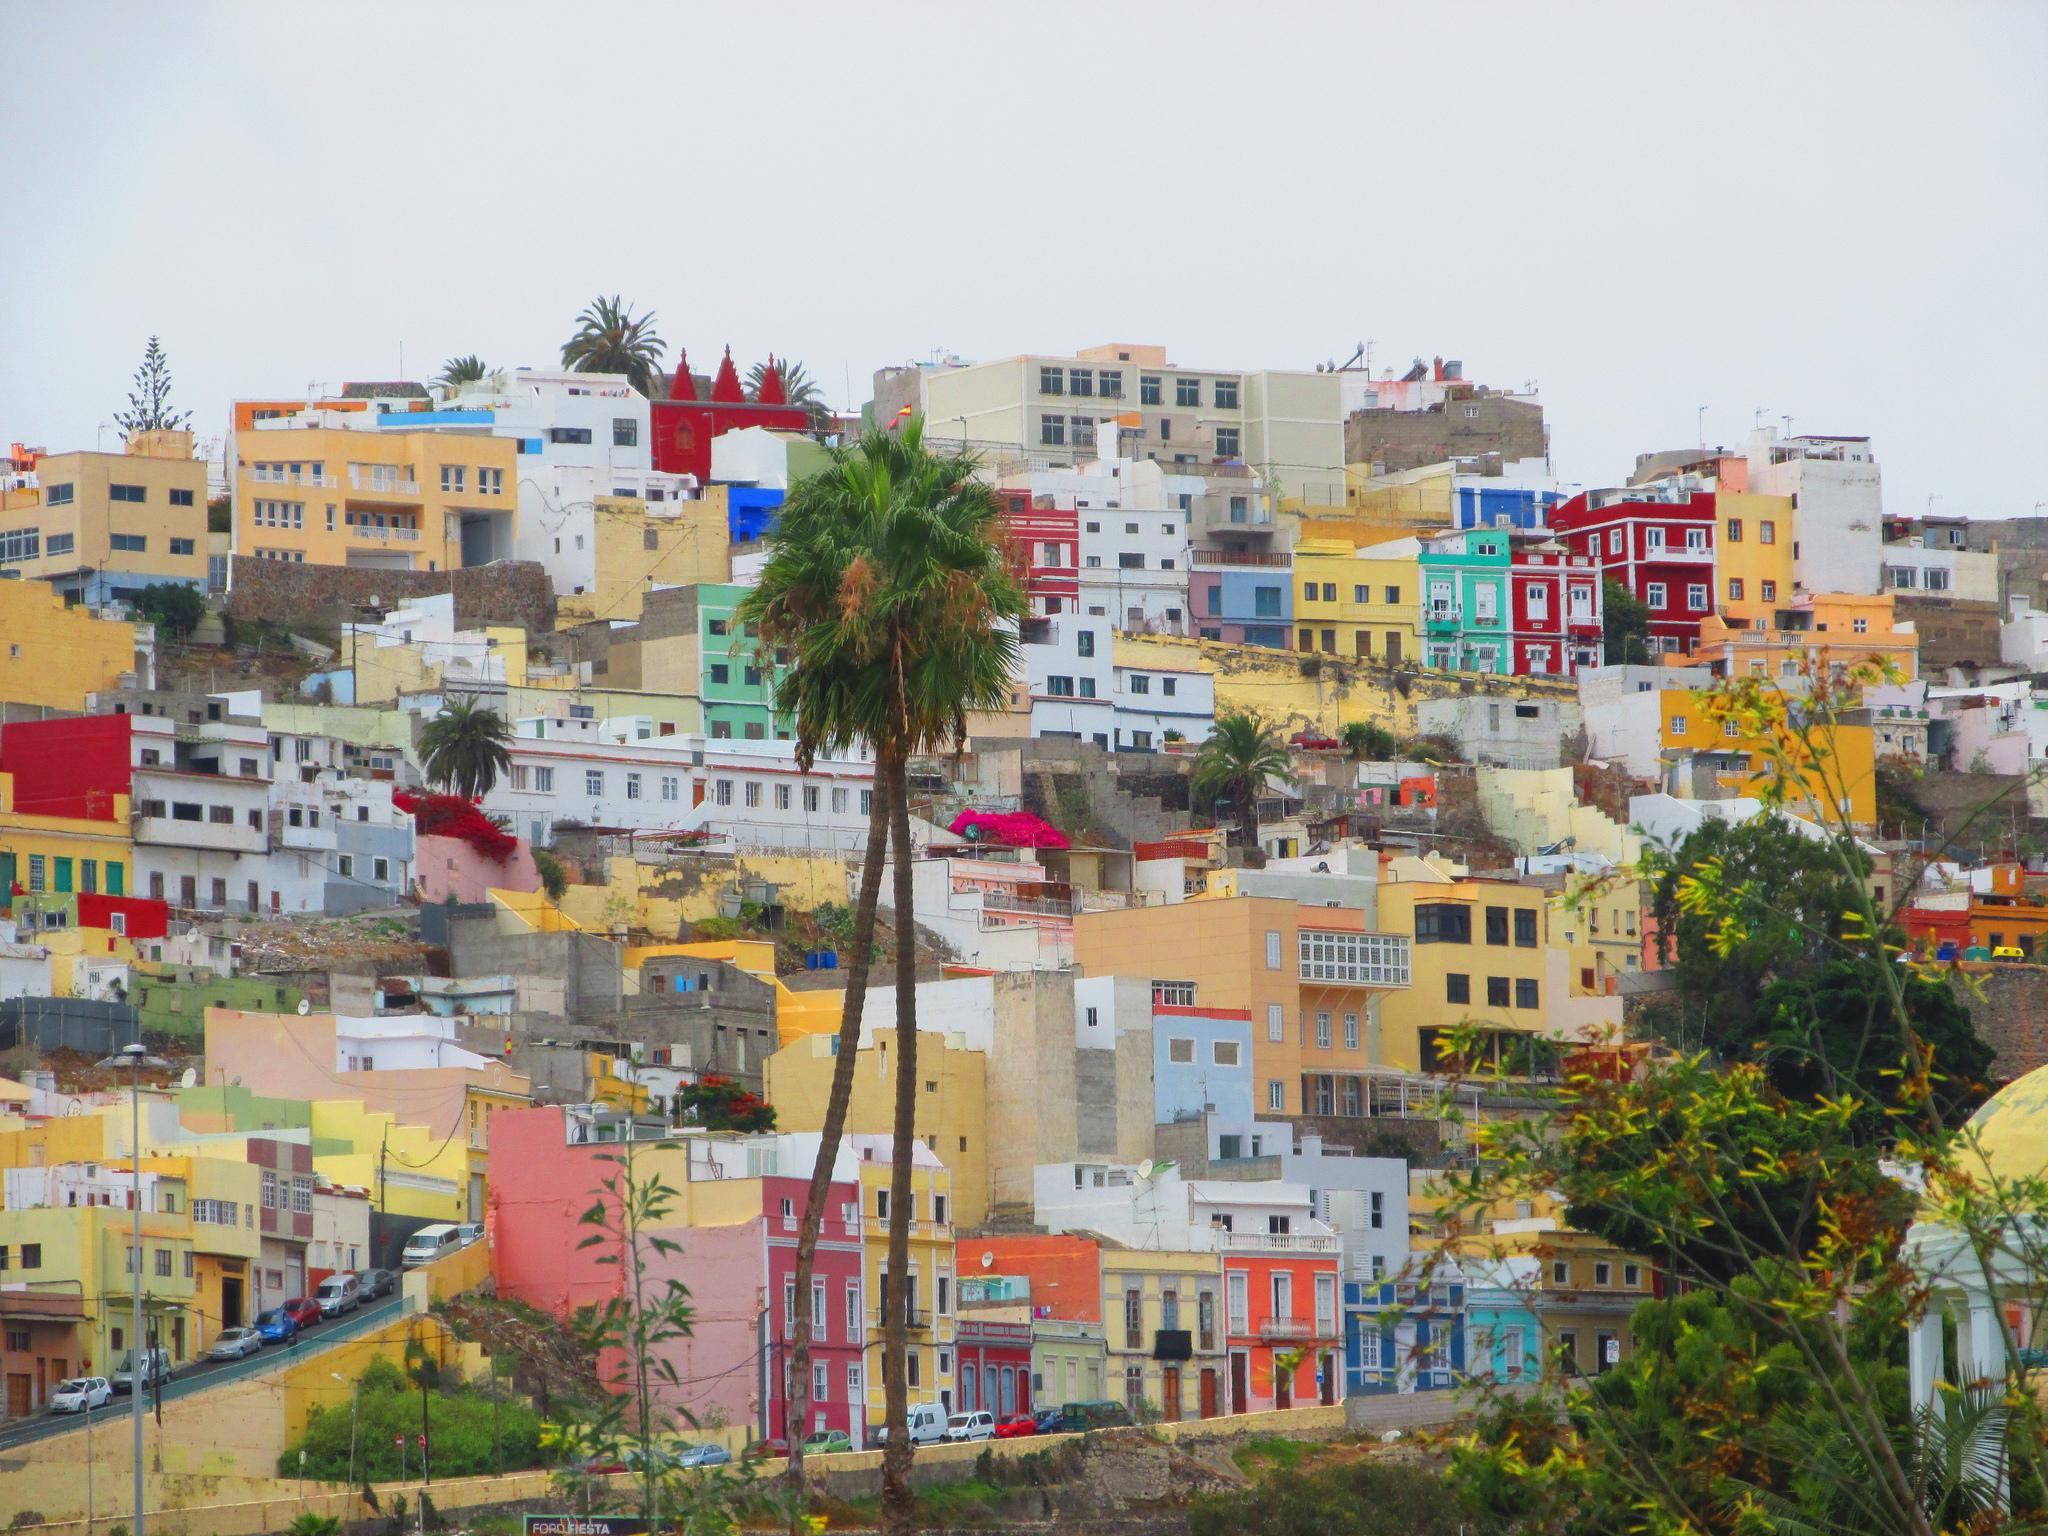 Non è la Boca, nemmeno Genova, è un barrio alto di Las Palmas